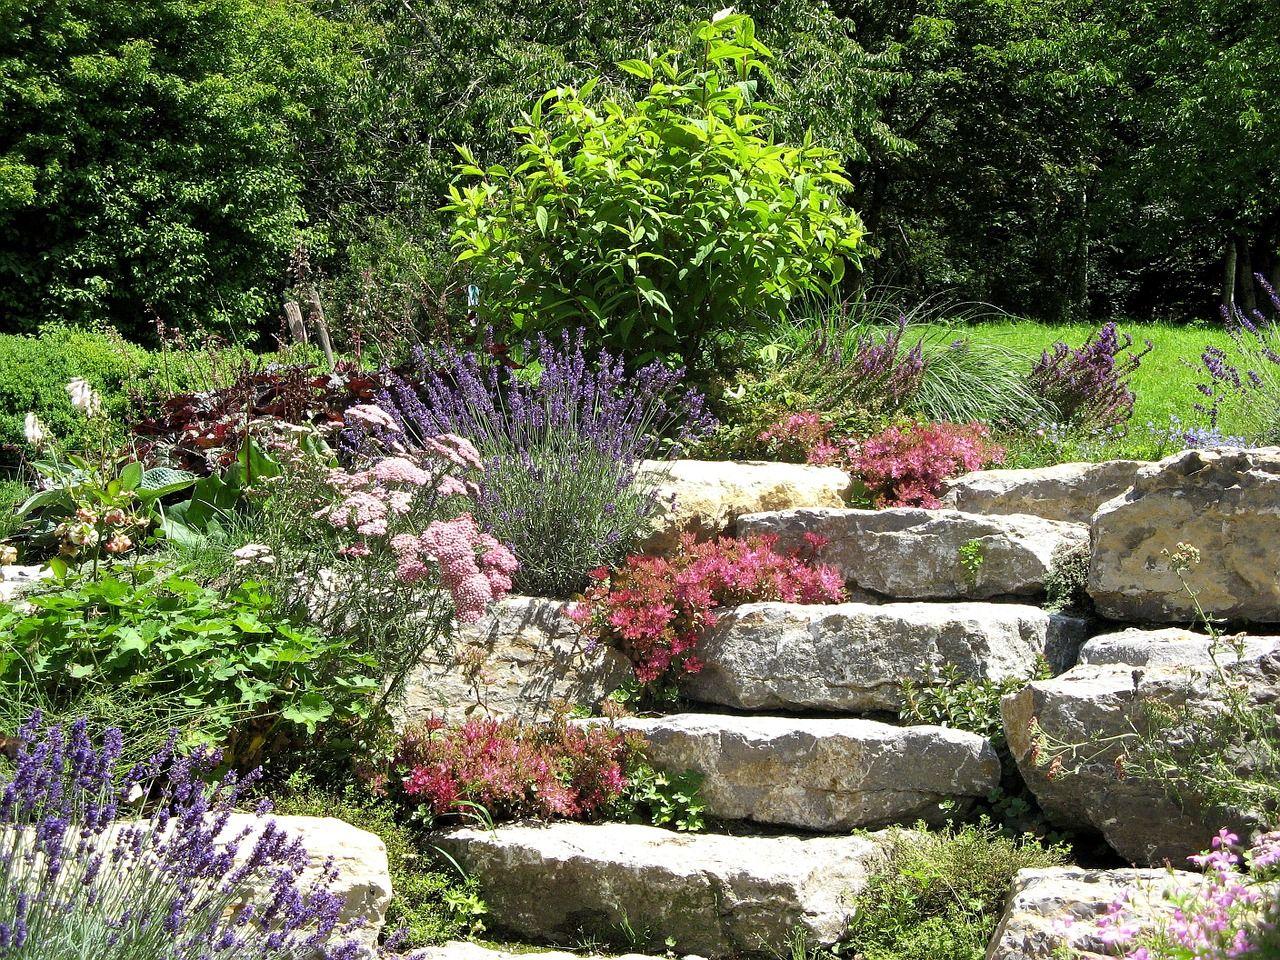 Cómo decorar un jardín con piedras - http://www.jardineriaon.com ...